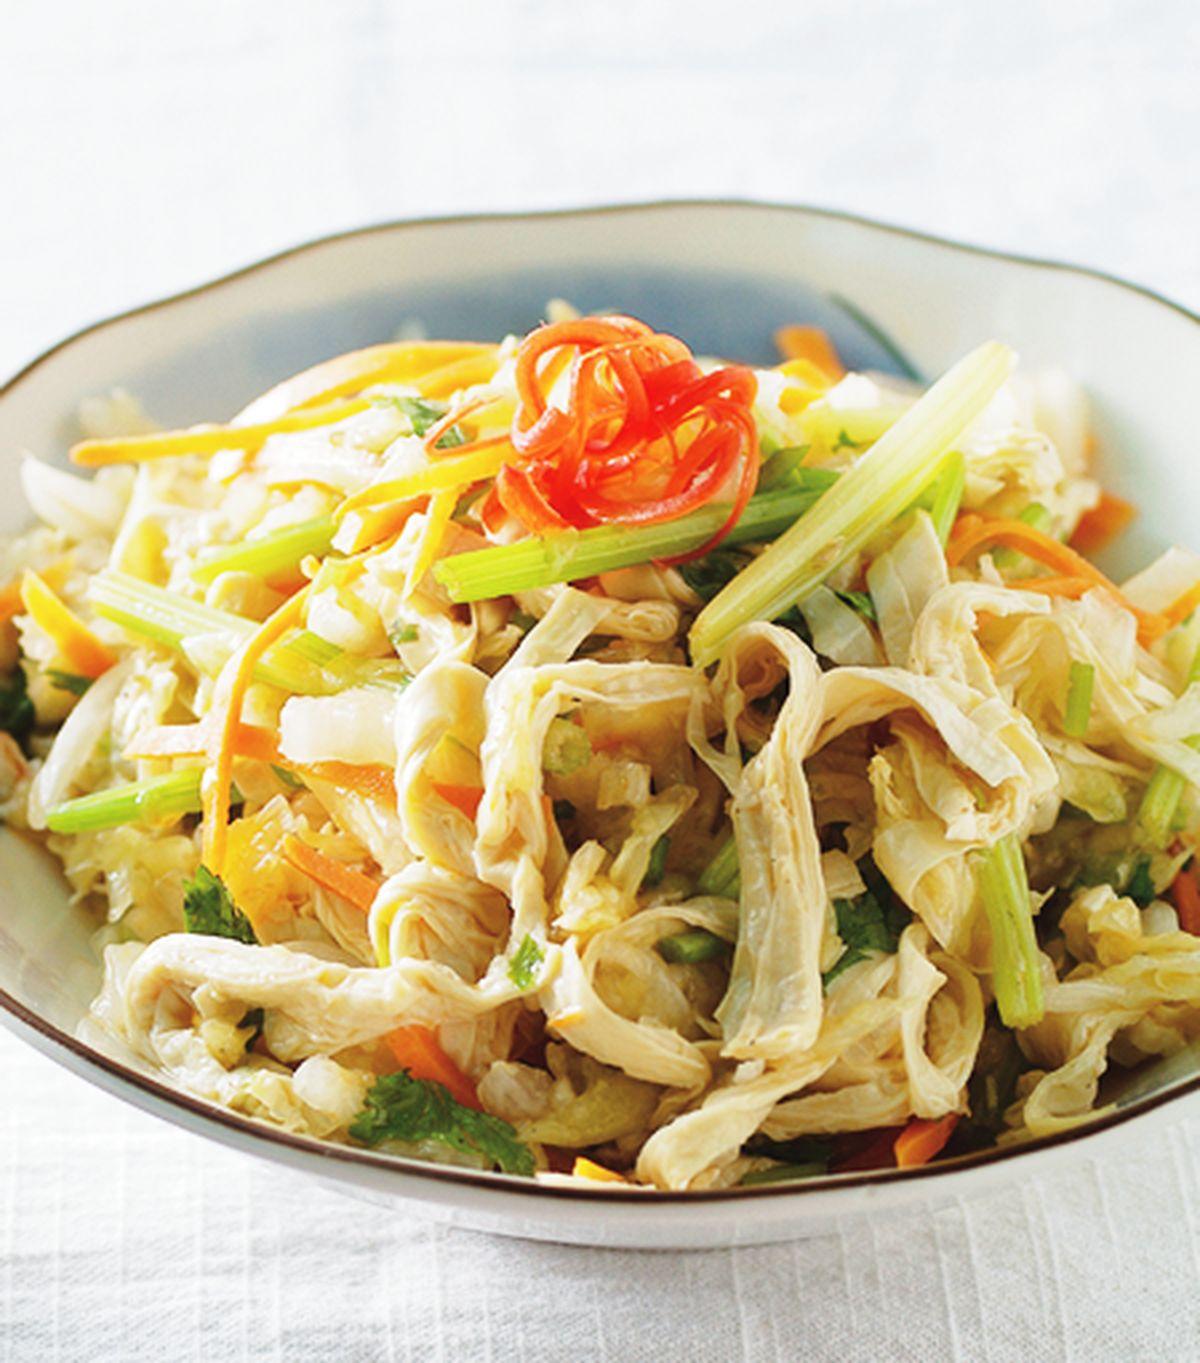 食譜:腐皮拌白菜